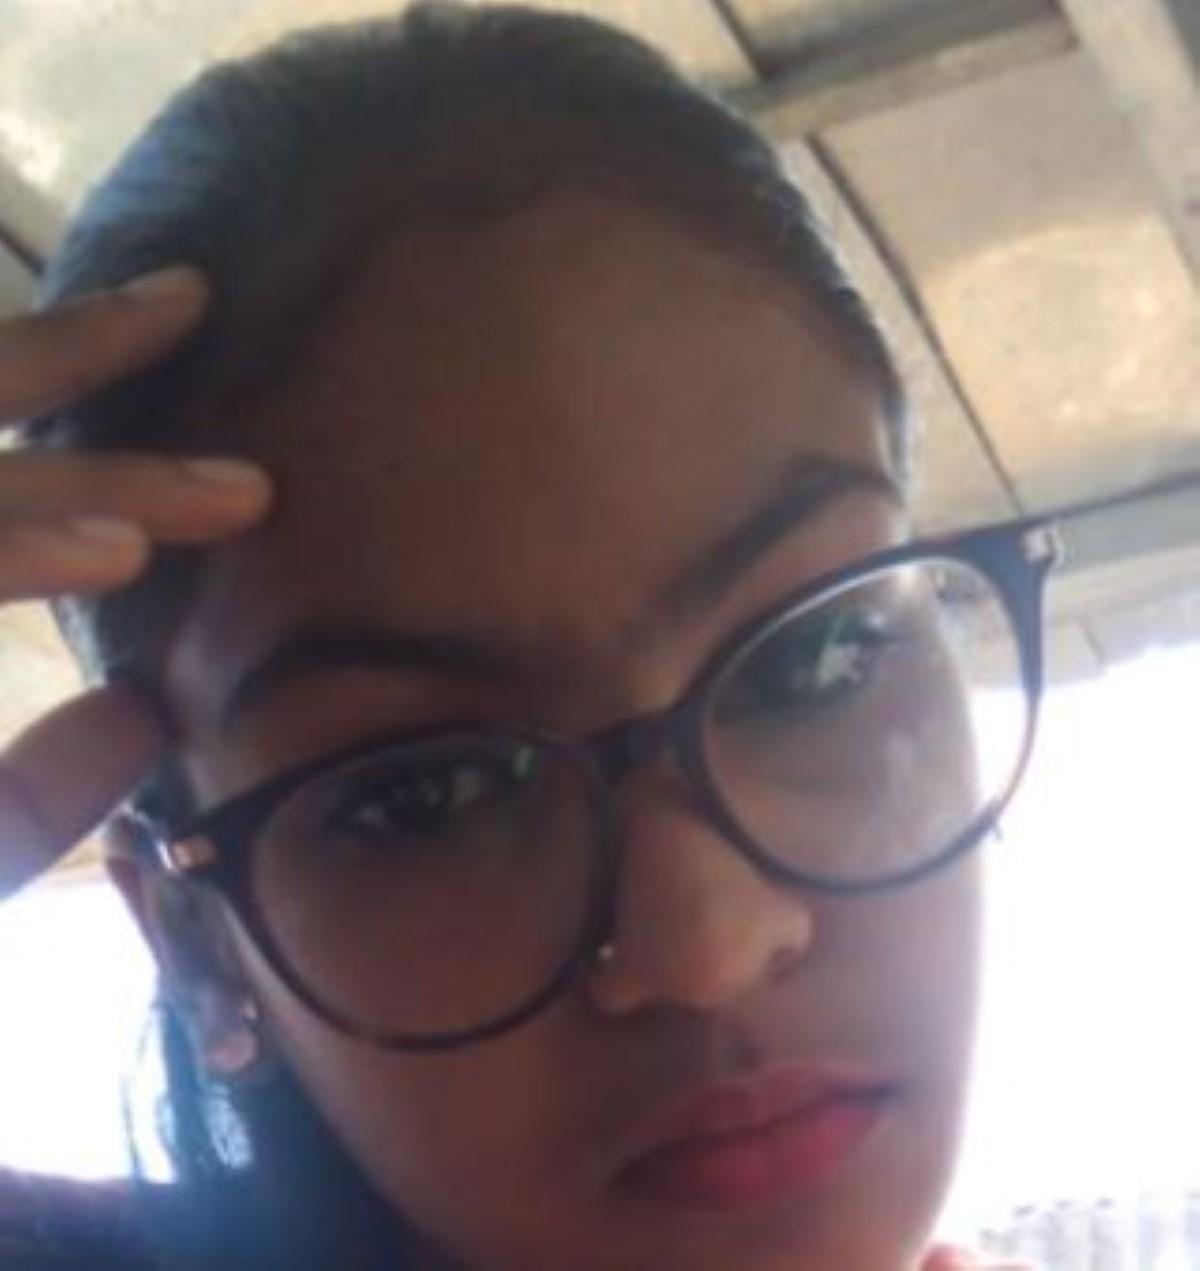 Phoenix : Disparition inquiétante de Bibi Noosrina Toofany, âgée de 14 ans depuis le 24 décembre